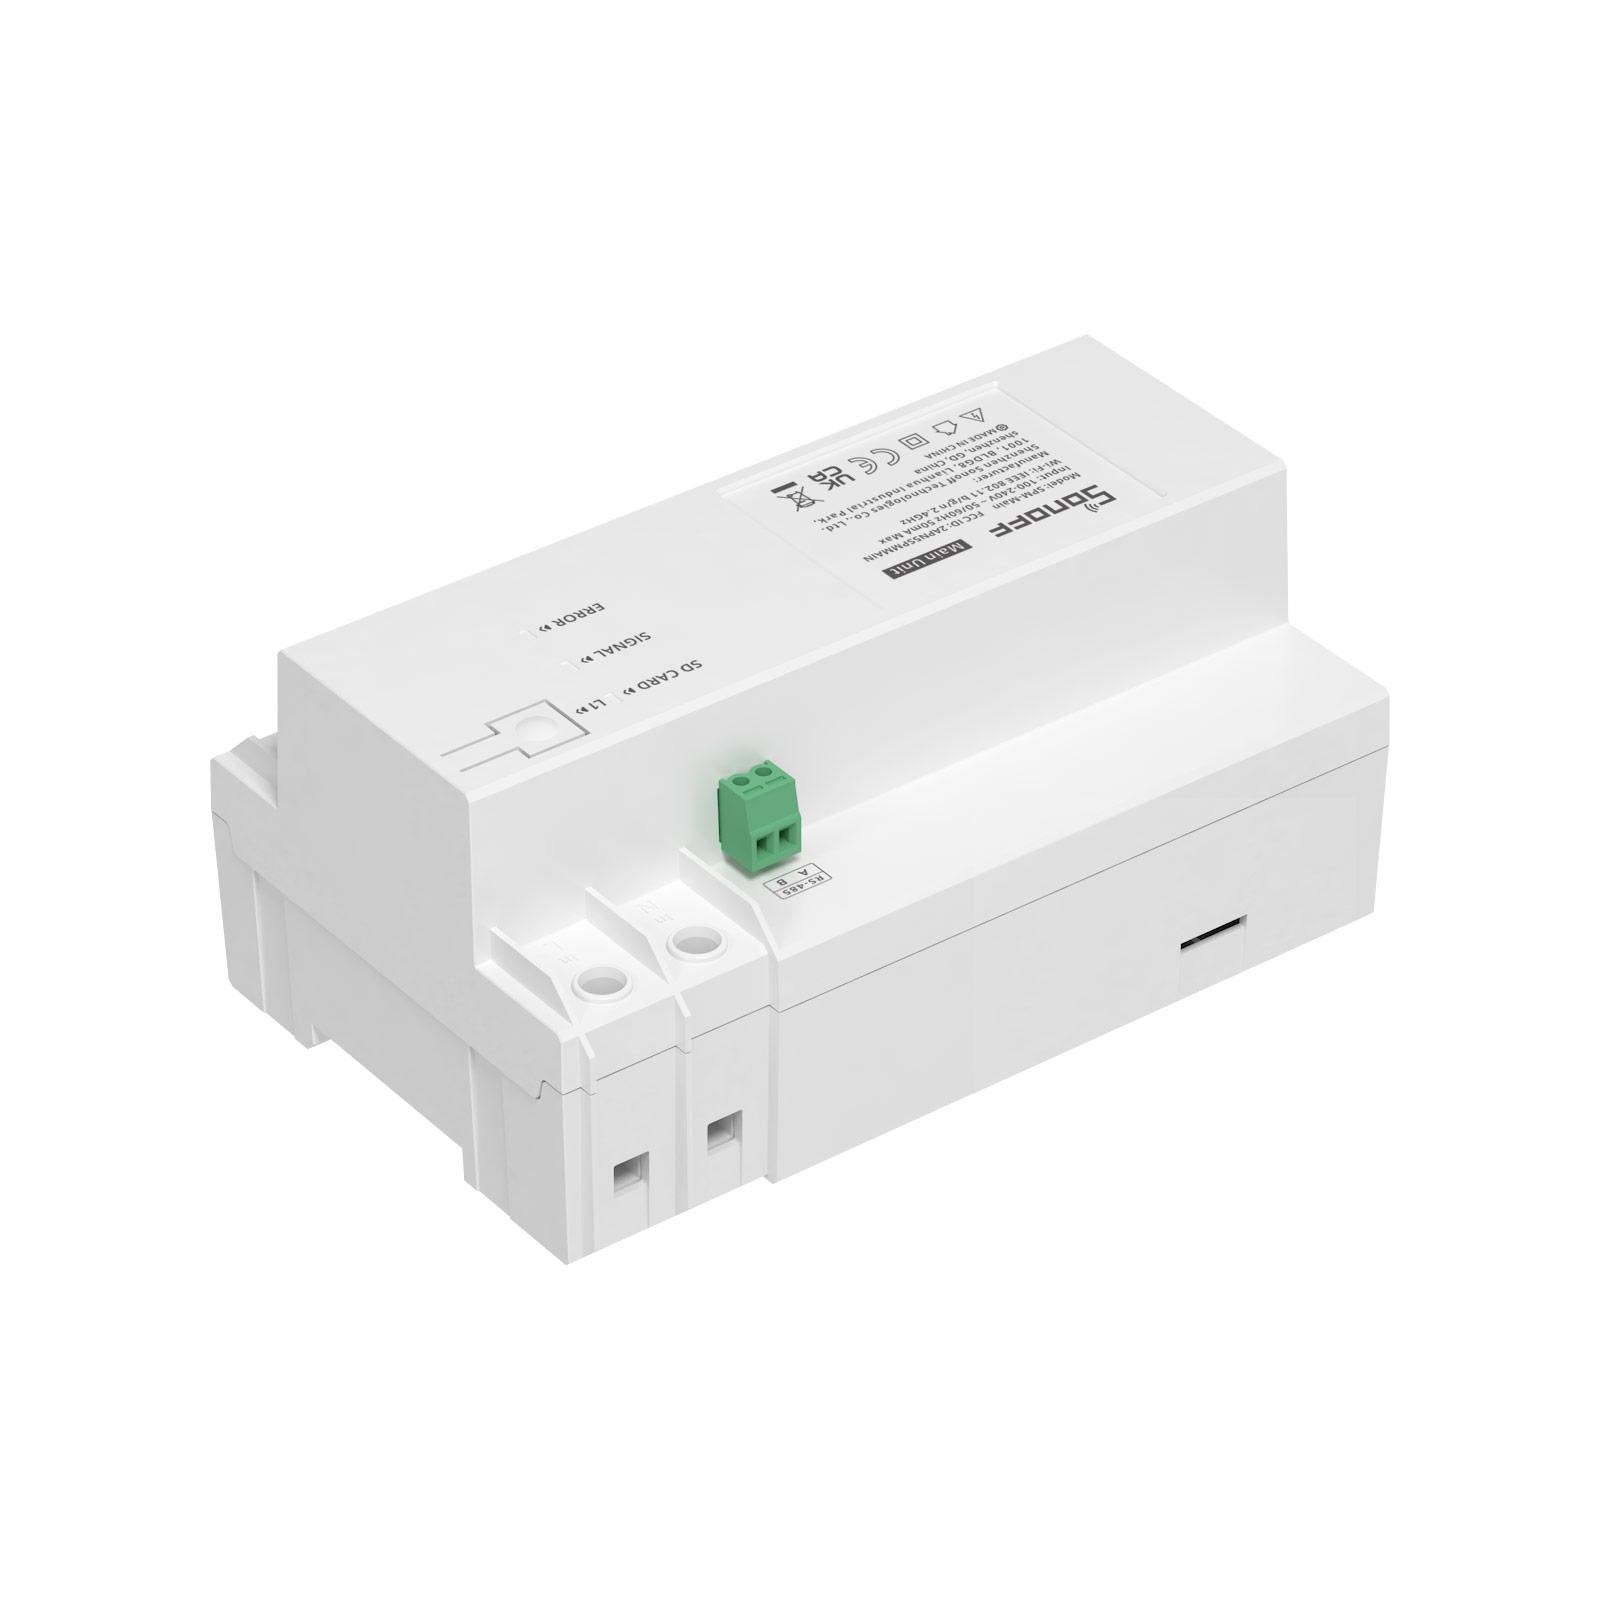 Smart Stackable Power Meter (Main Unit)